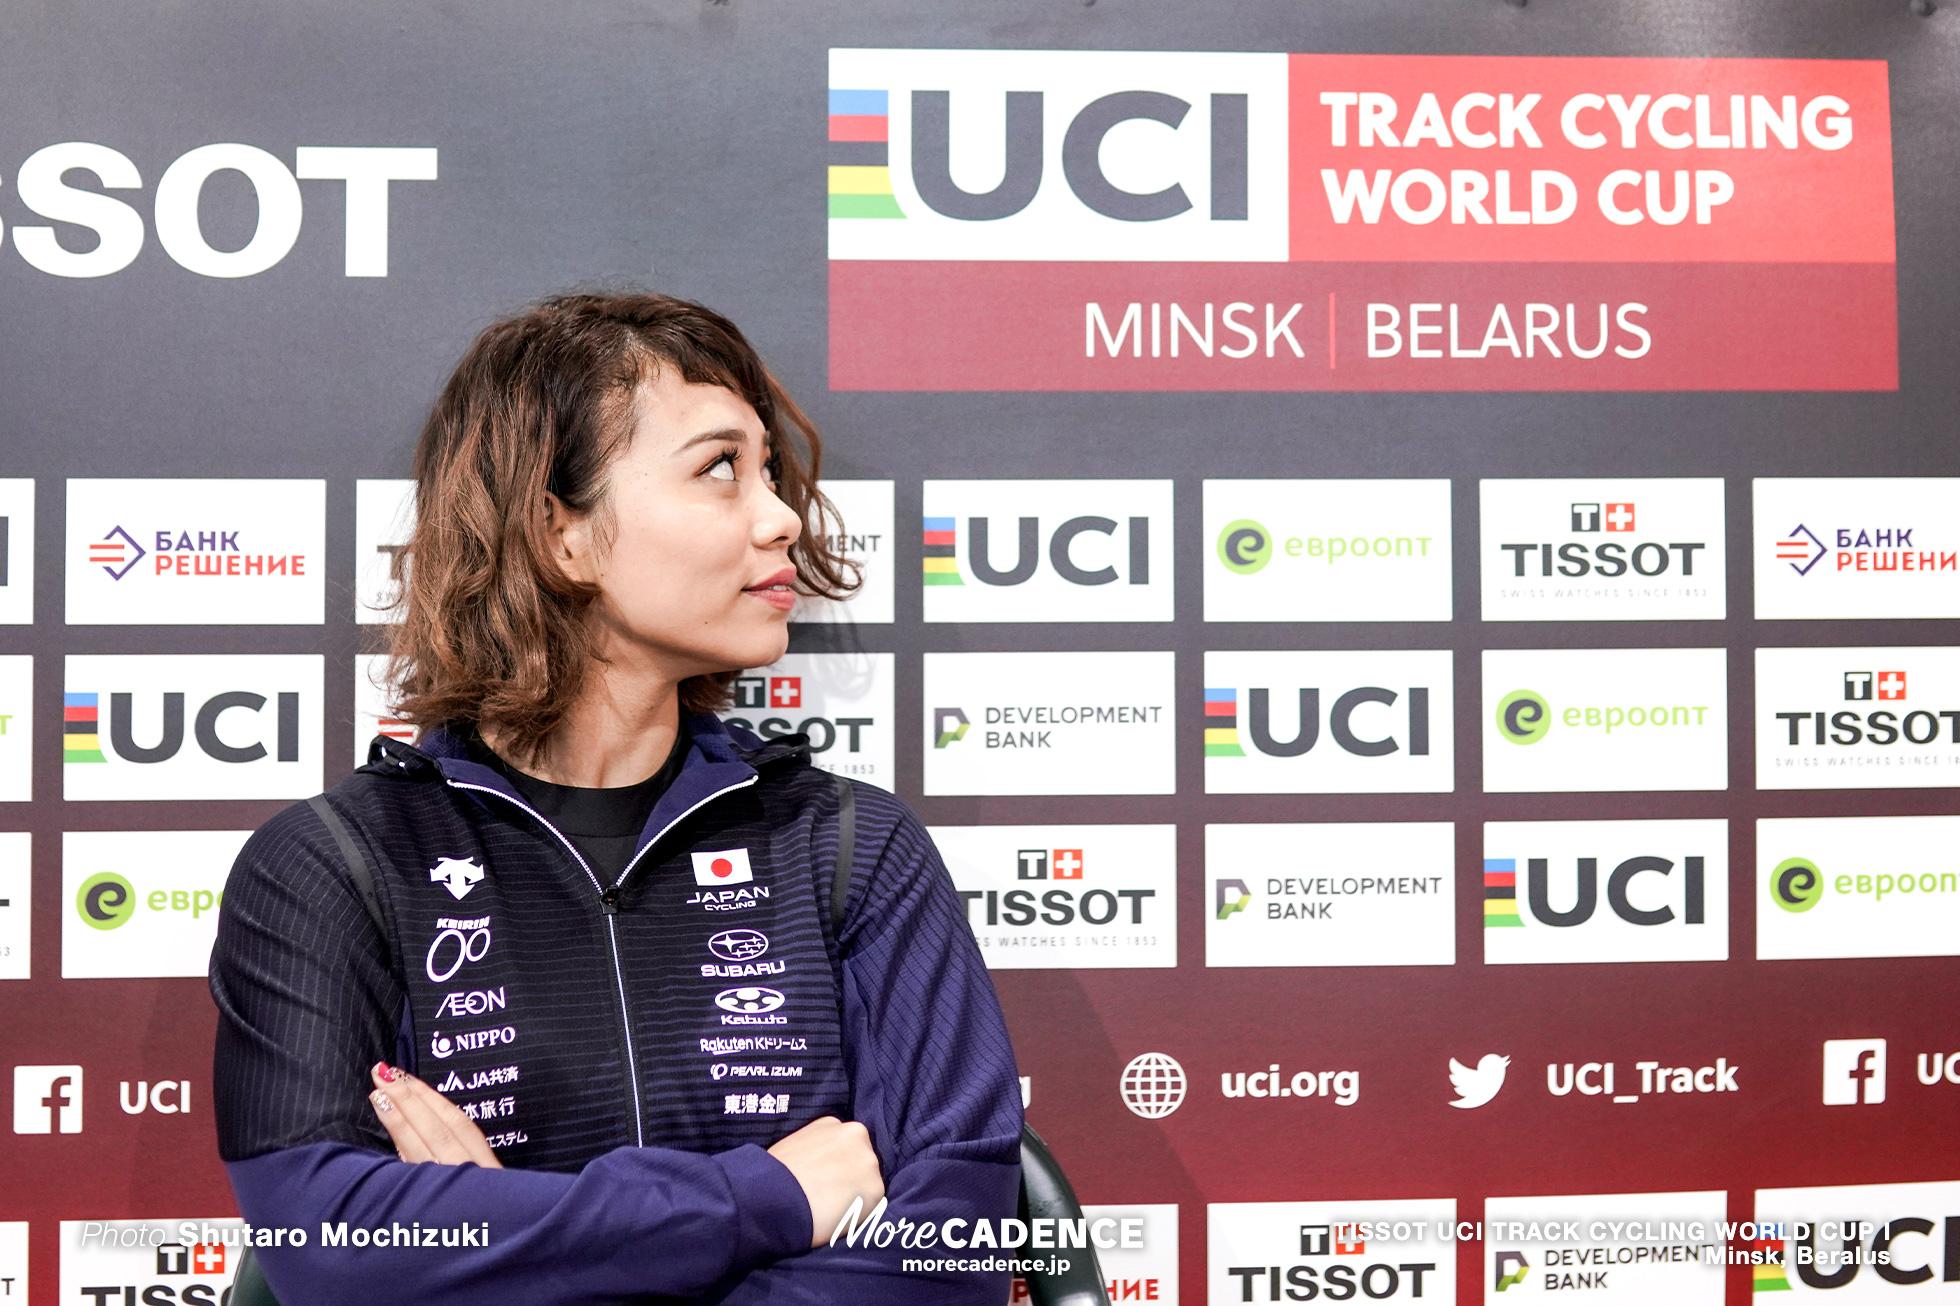 太田りゆ, TISSOT UCI TRACK CYCLING WORLD CUP I, Minsk, Beralus